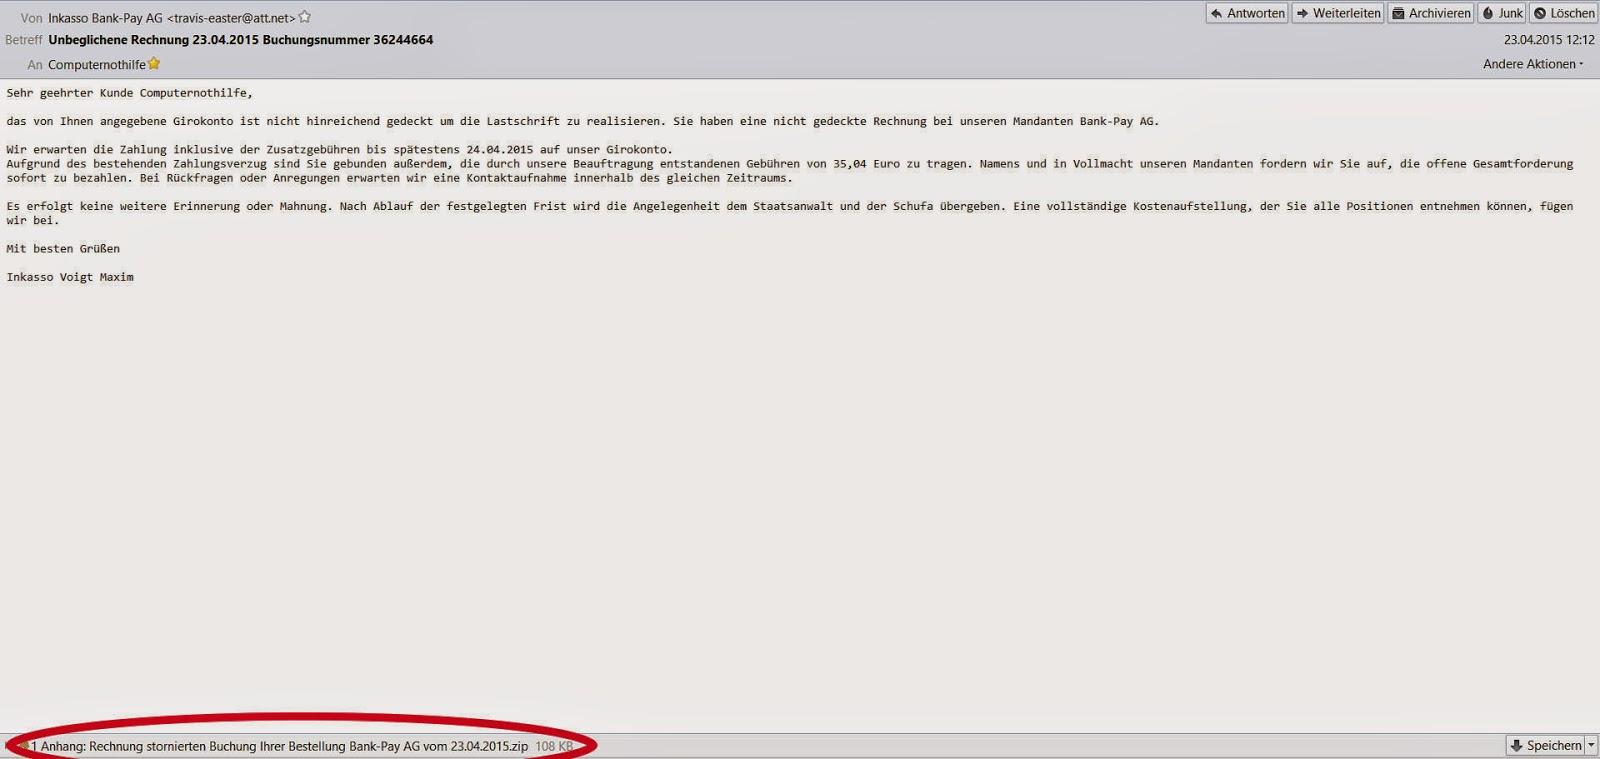 Malware Und Ich Mahnungen Im Doppelpack Online24 Pay Ag Und Bank